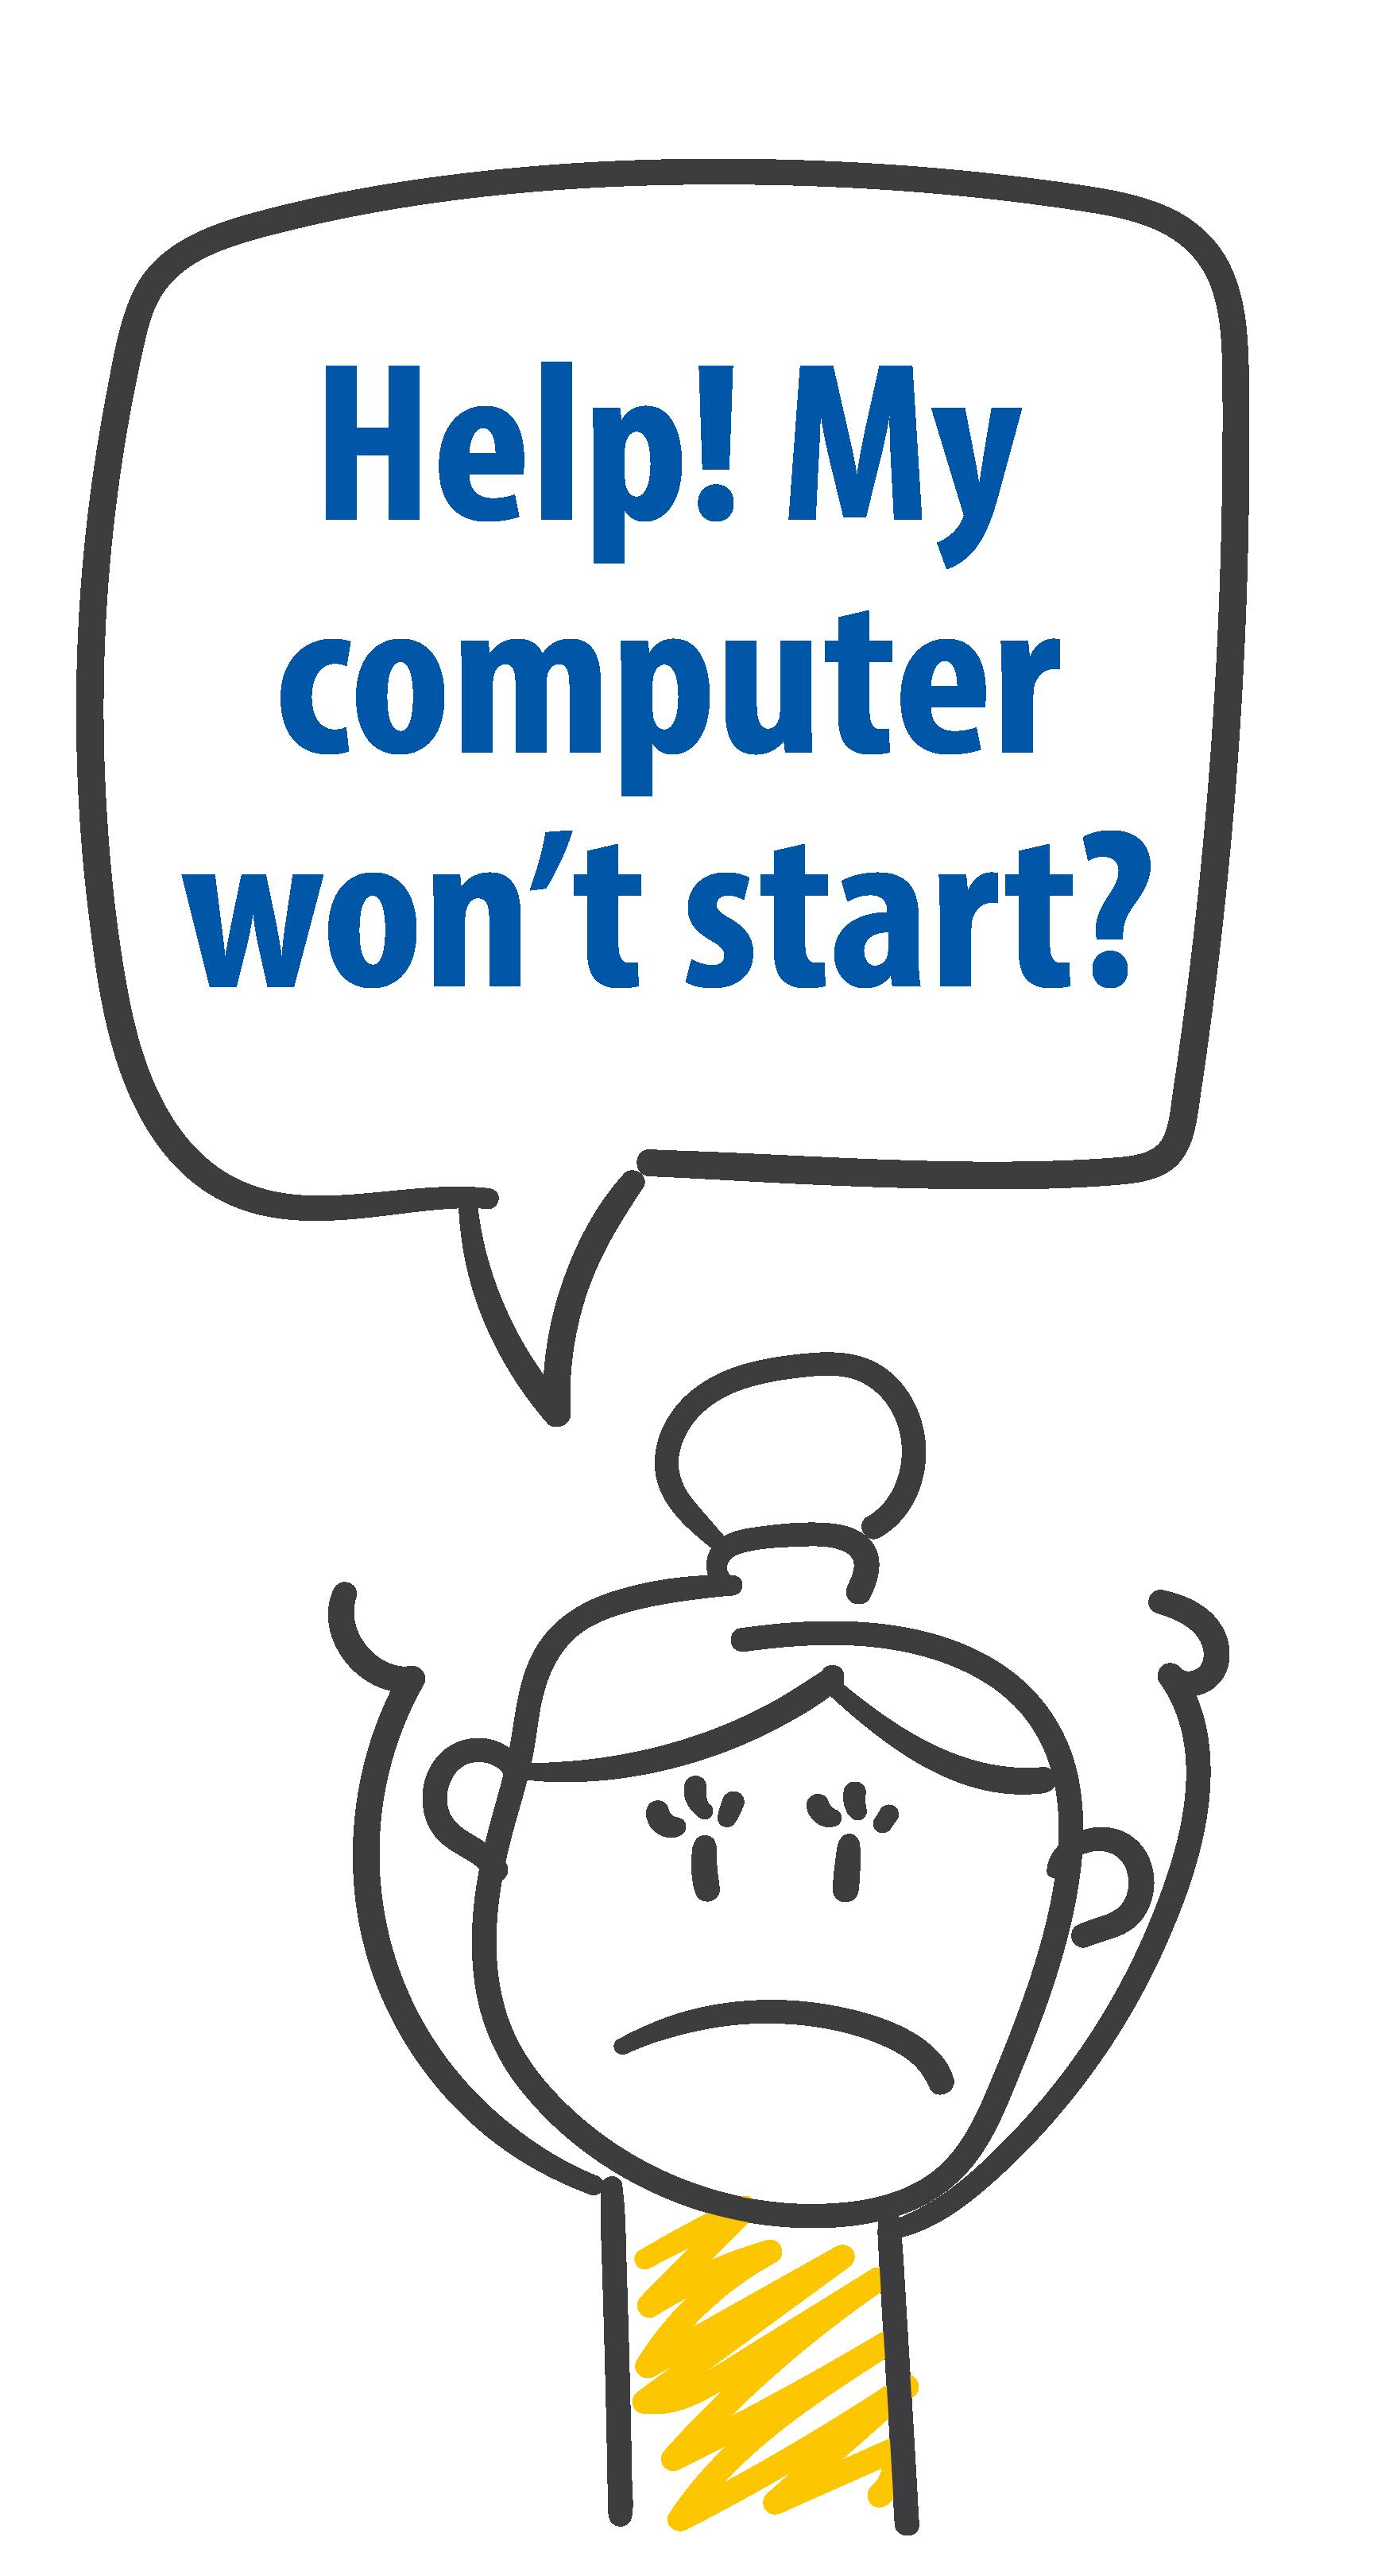 Help! My computer won't start?